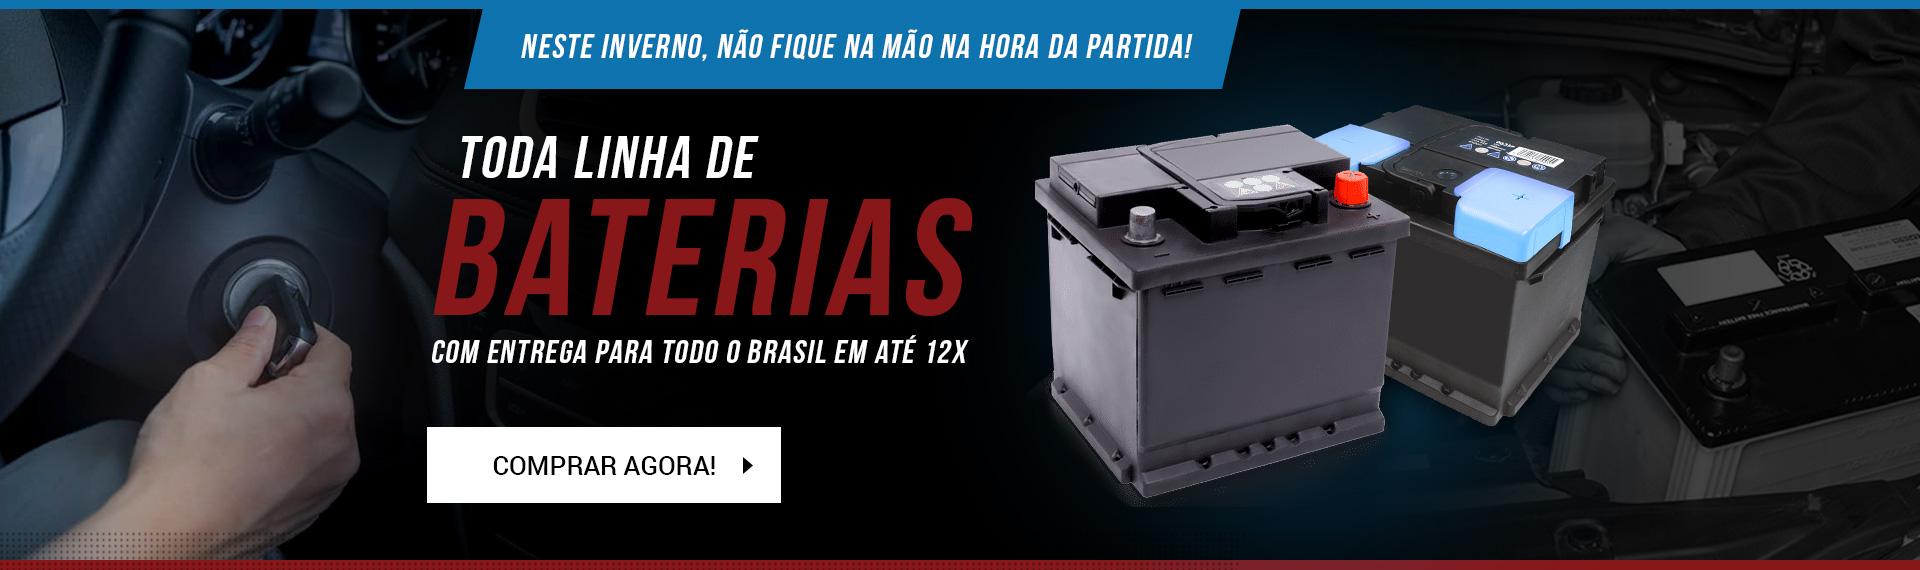 Toda linha de baterias, com entrega para todo brasil em até 12x